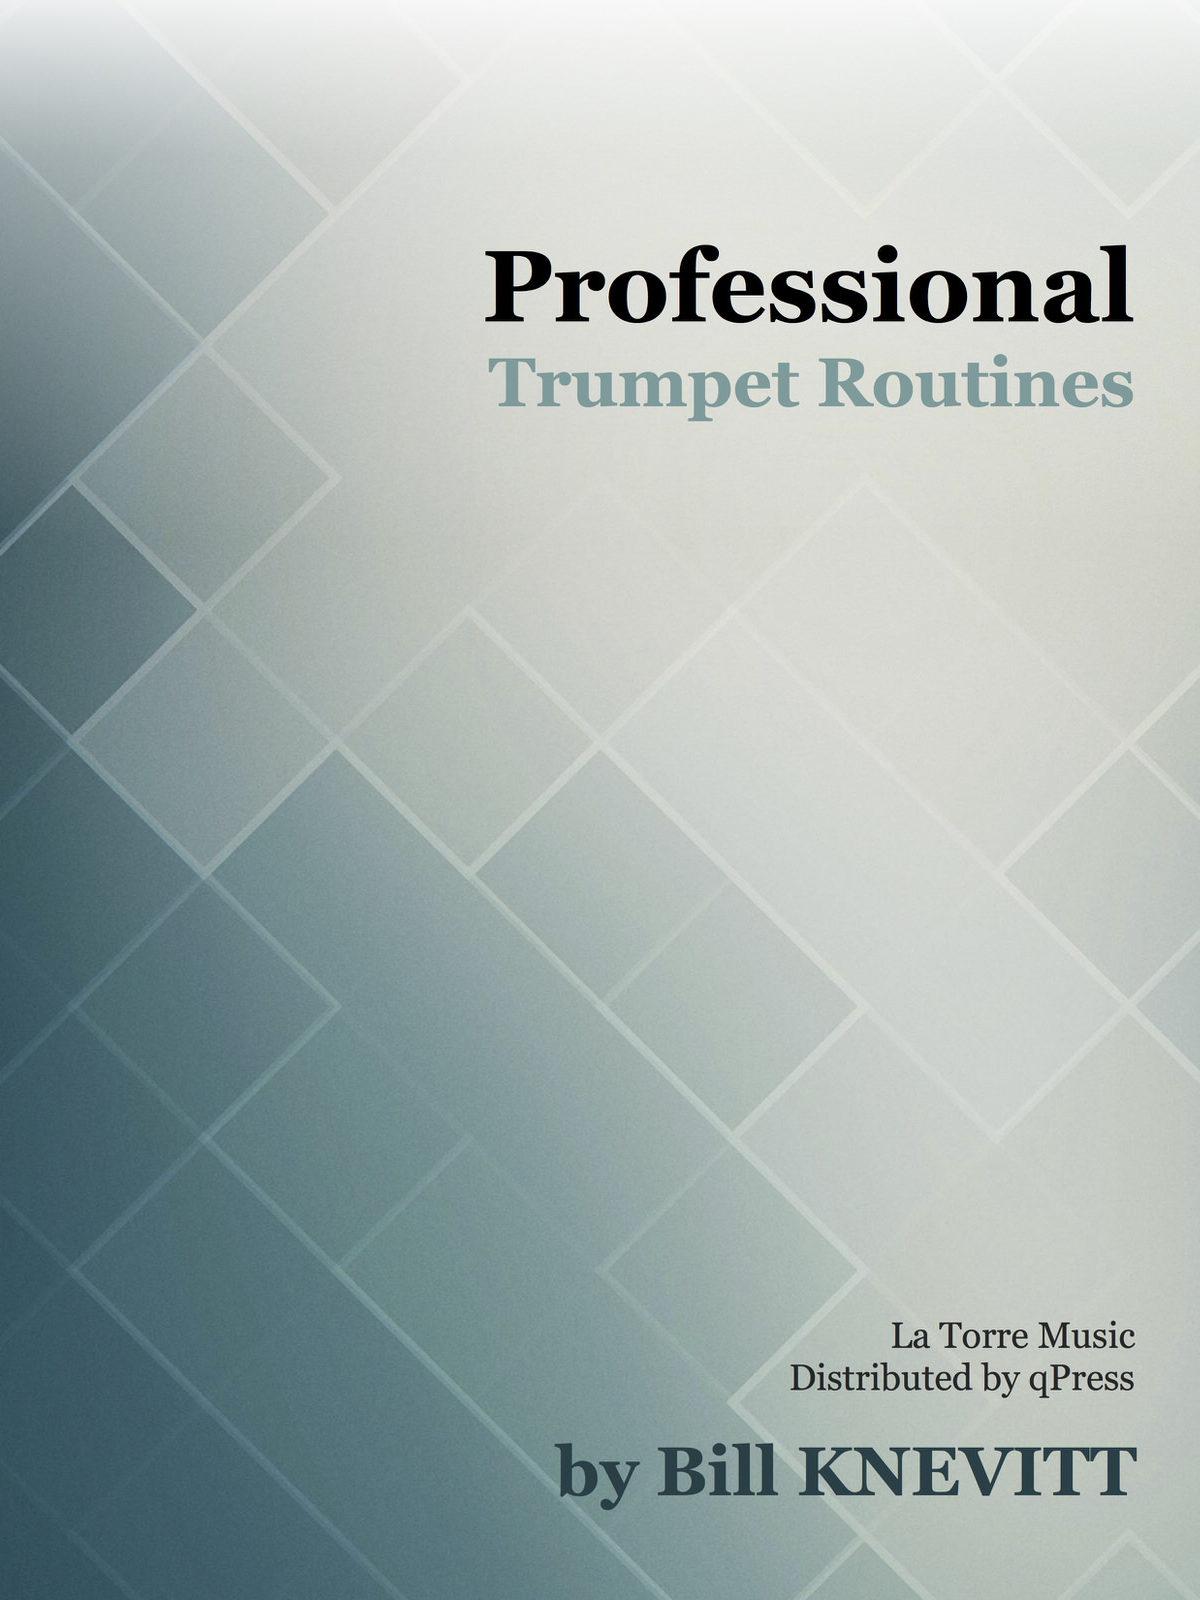 knevitt-professional-trumpet-routines